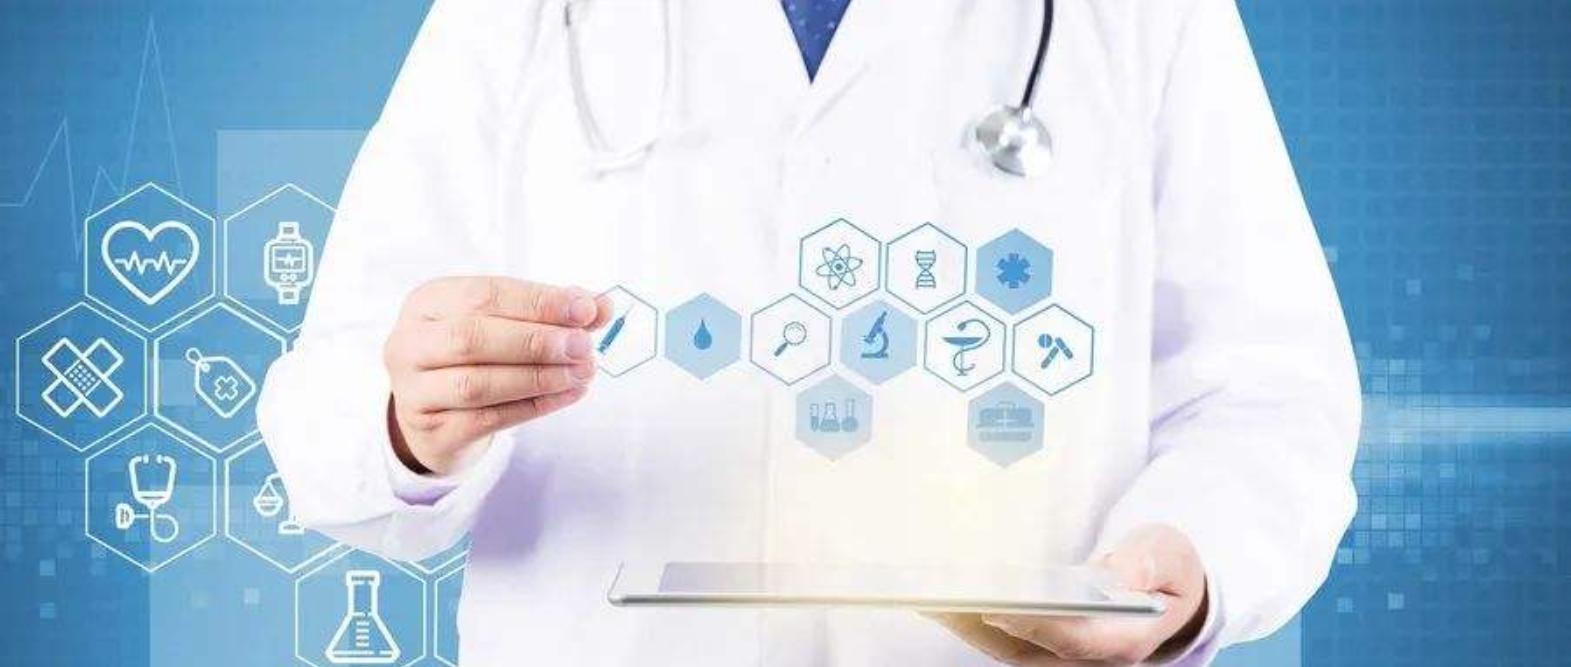 5G万博官网手机版登录注册医疗十大应用场景,你知道多少?